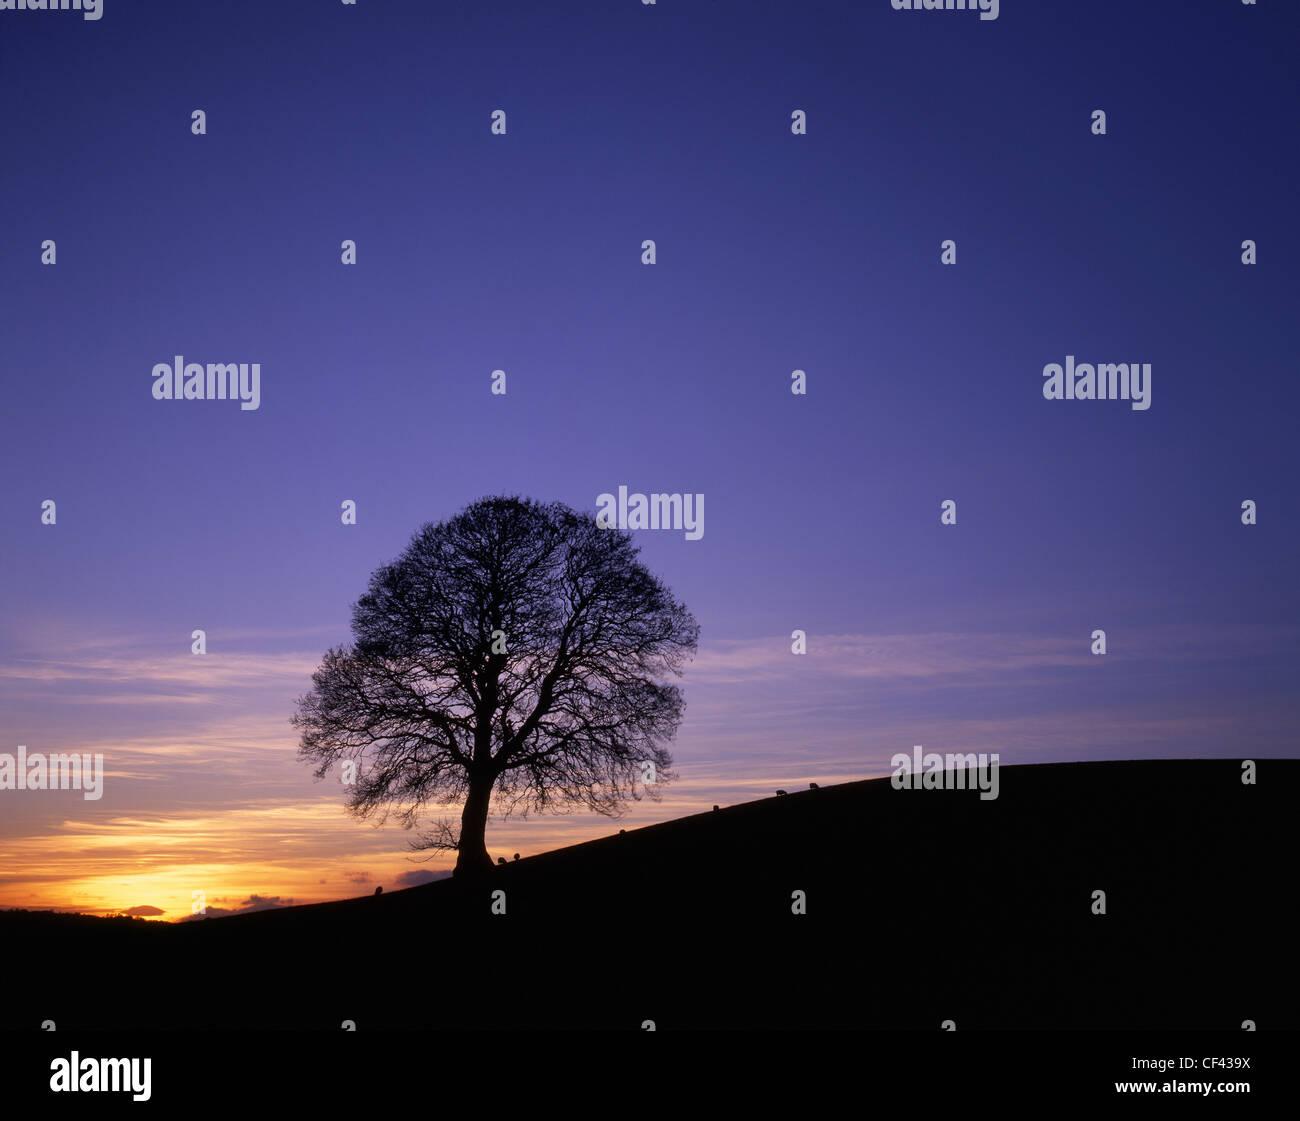 Schafbeweidung von einem einsamen Baum Silhouette durch einen Winter Sonnenuntergang. Stockbild